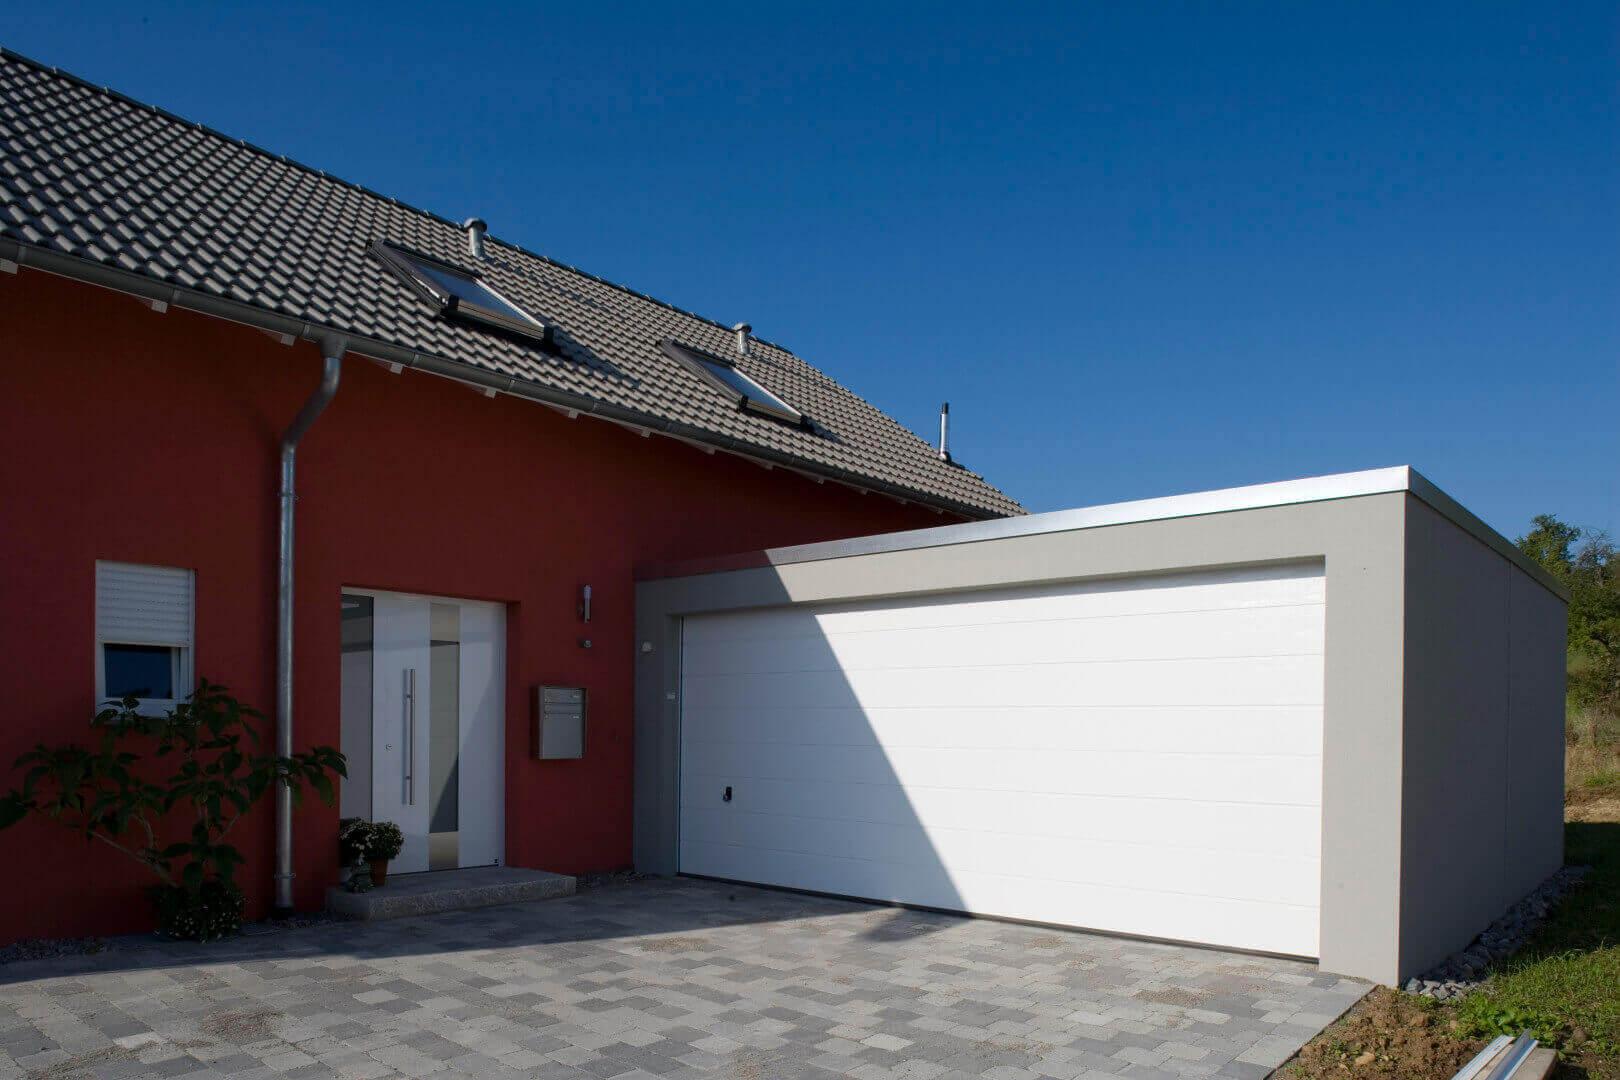 Fertiggarage beton maße  Großraum-Garagen als Beton-Fertiggarage von Beton Kemmler